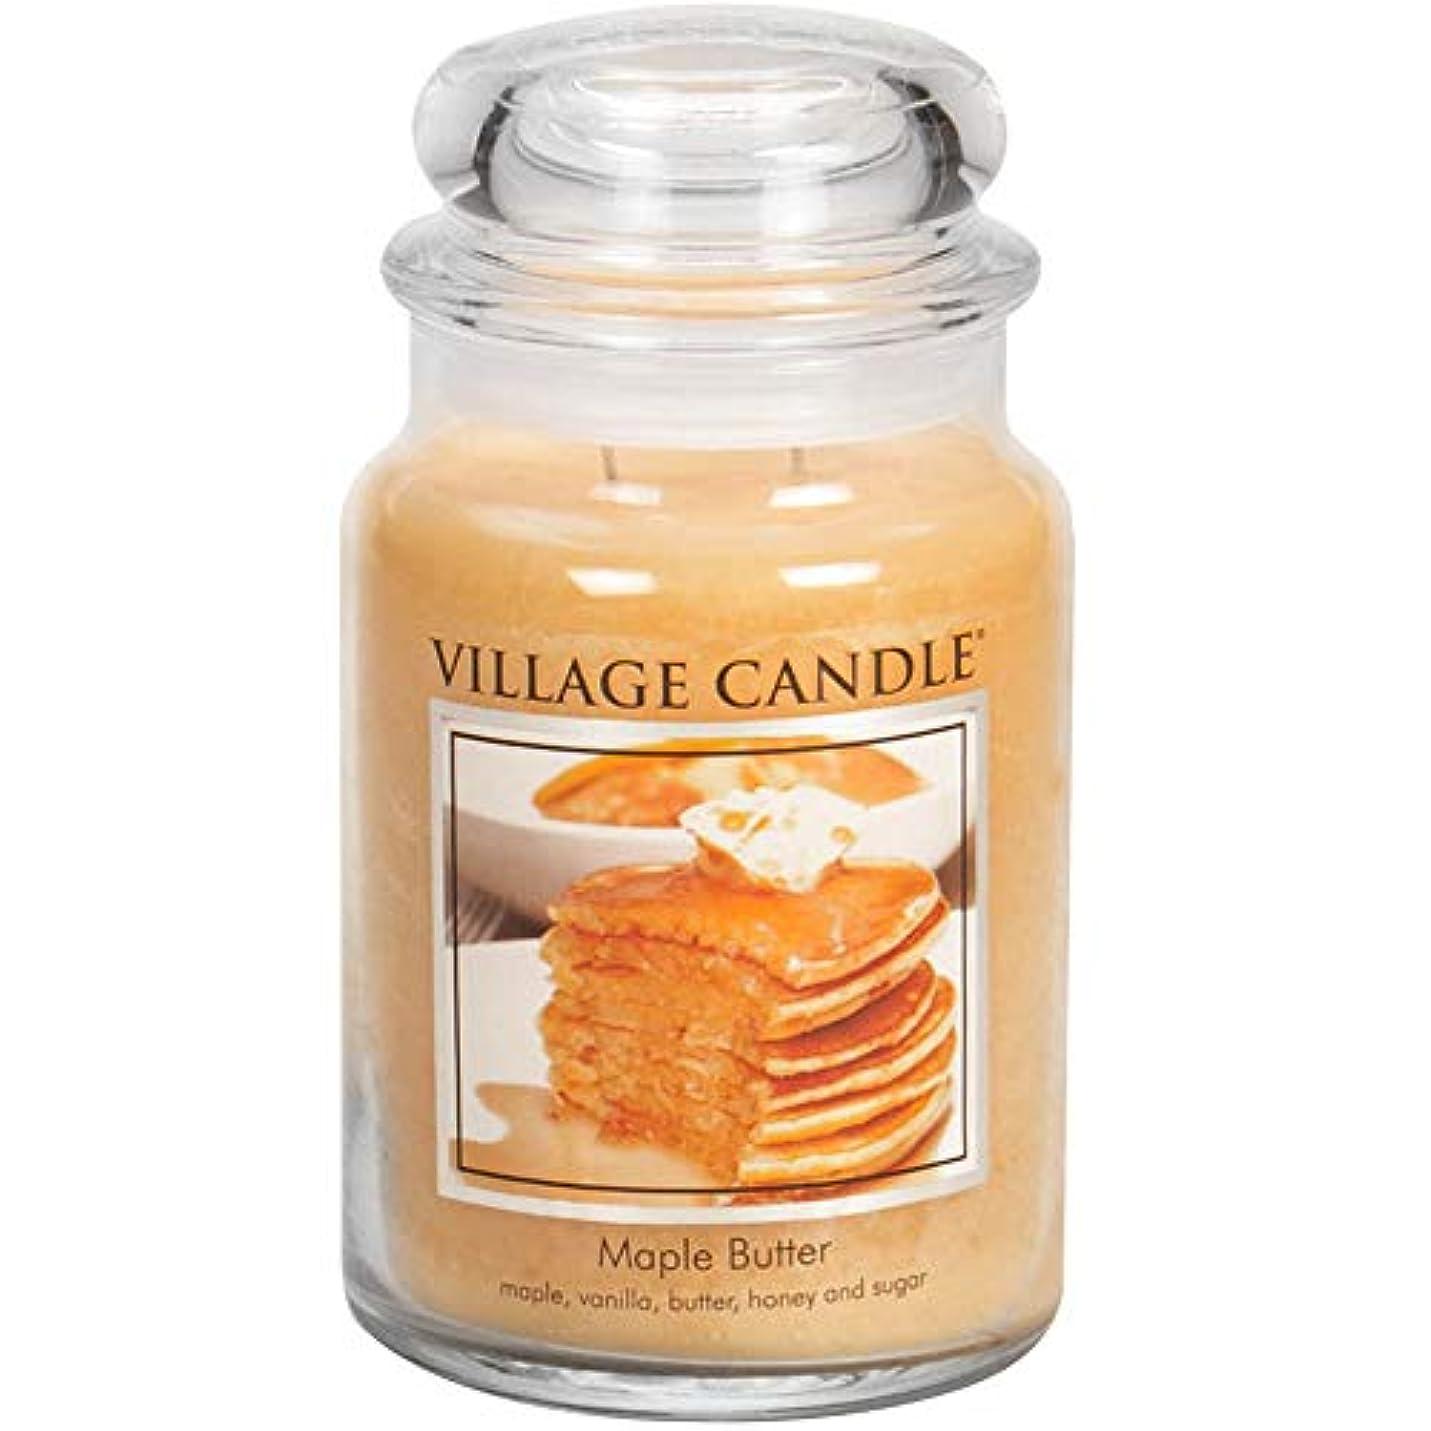 シリンダーまさにビンVillage Candle Large Fragranced Candle Jar - 17cm x 10cm - 26oz (1219g)- Maple Butter - upto 170 hours burn time...